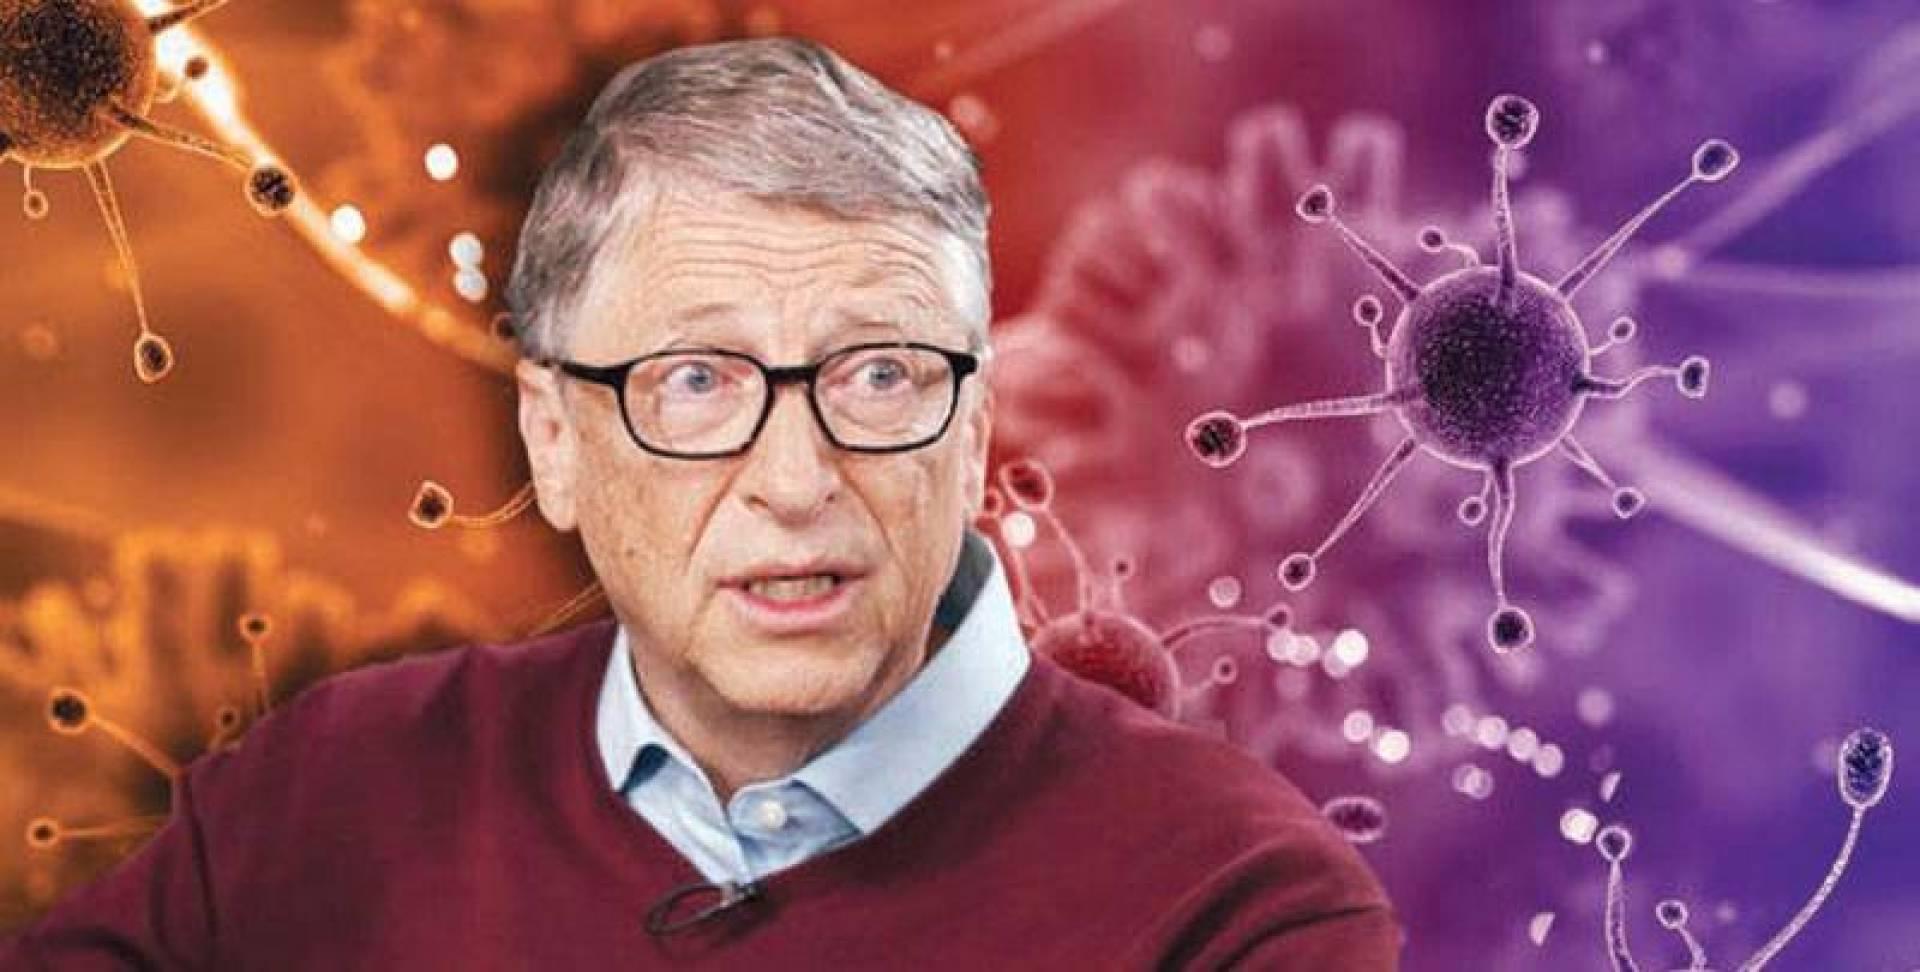 صورة لا وقت أمام البشرية.. كارثة أسوأ من فيروس كورونا على وشك الحدوث